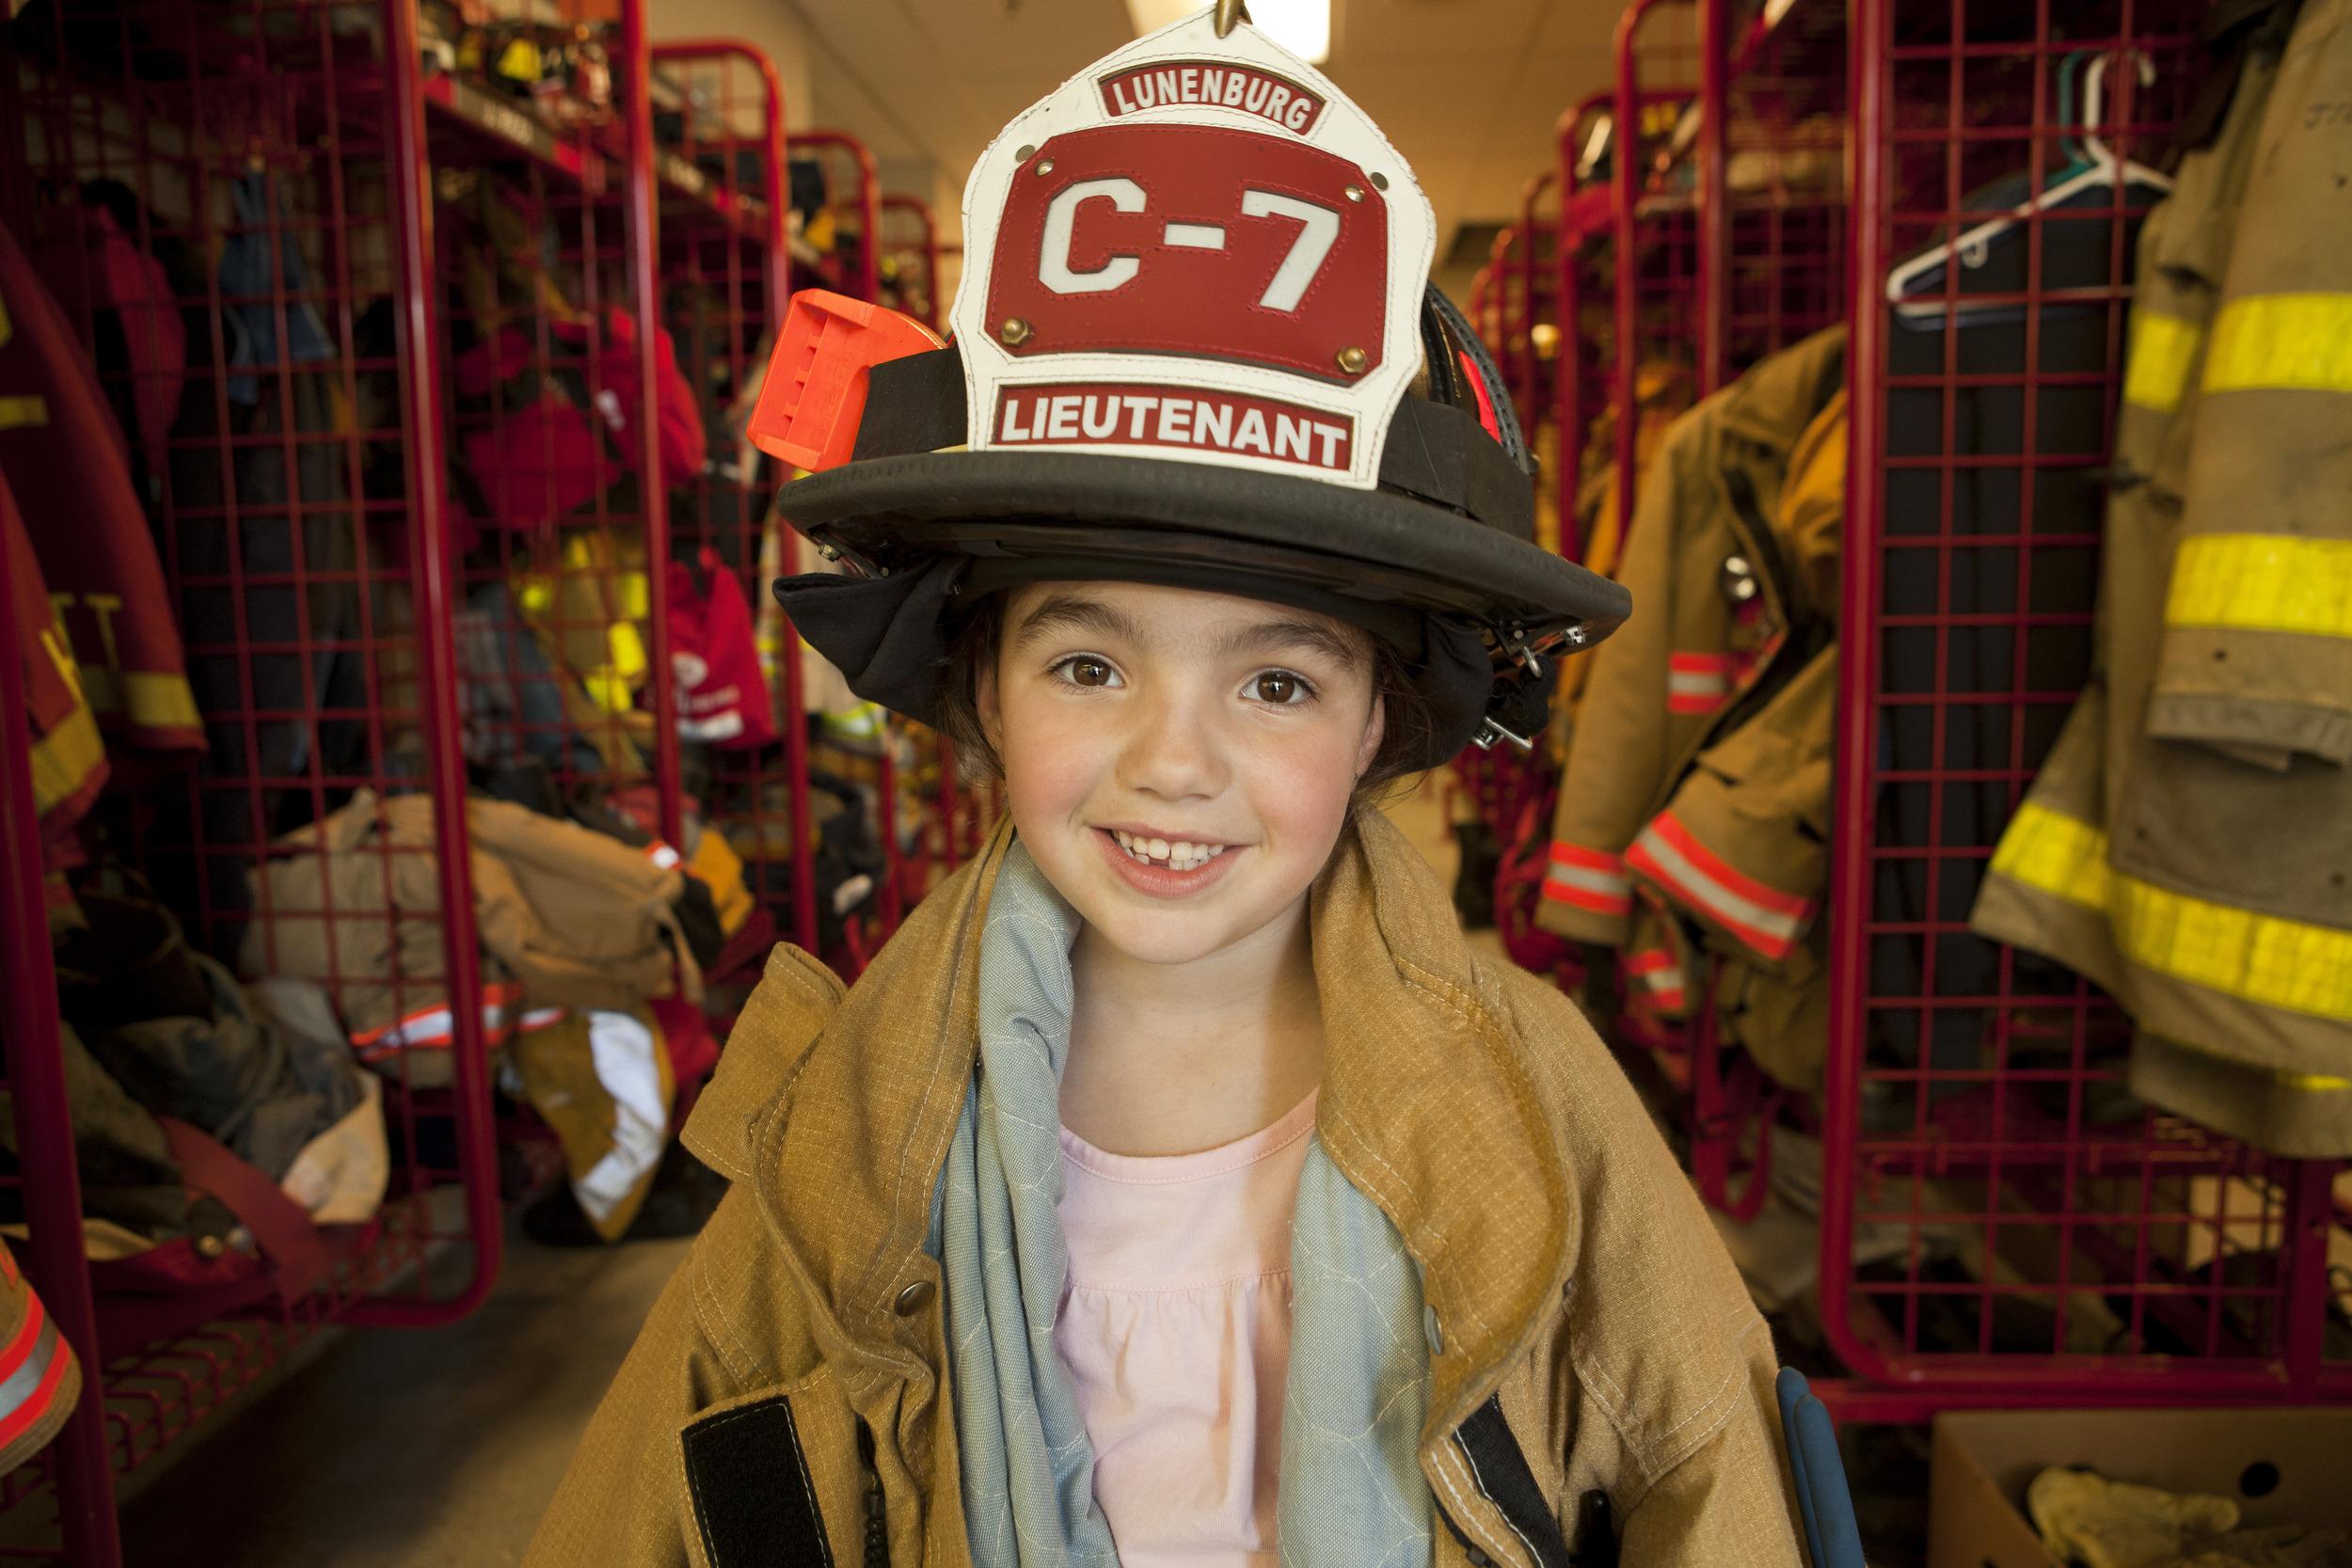 Firegirl_MG_2981 2.jpg